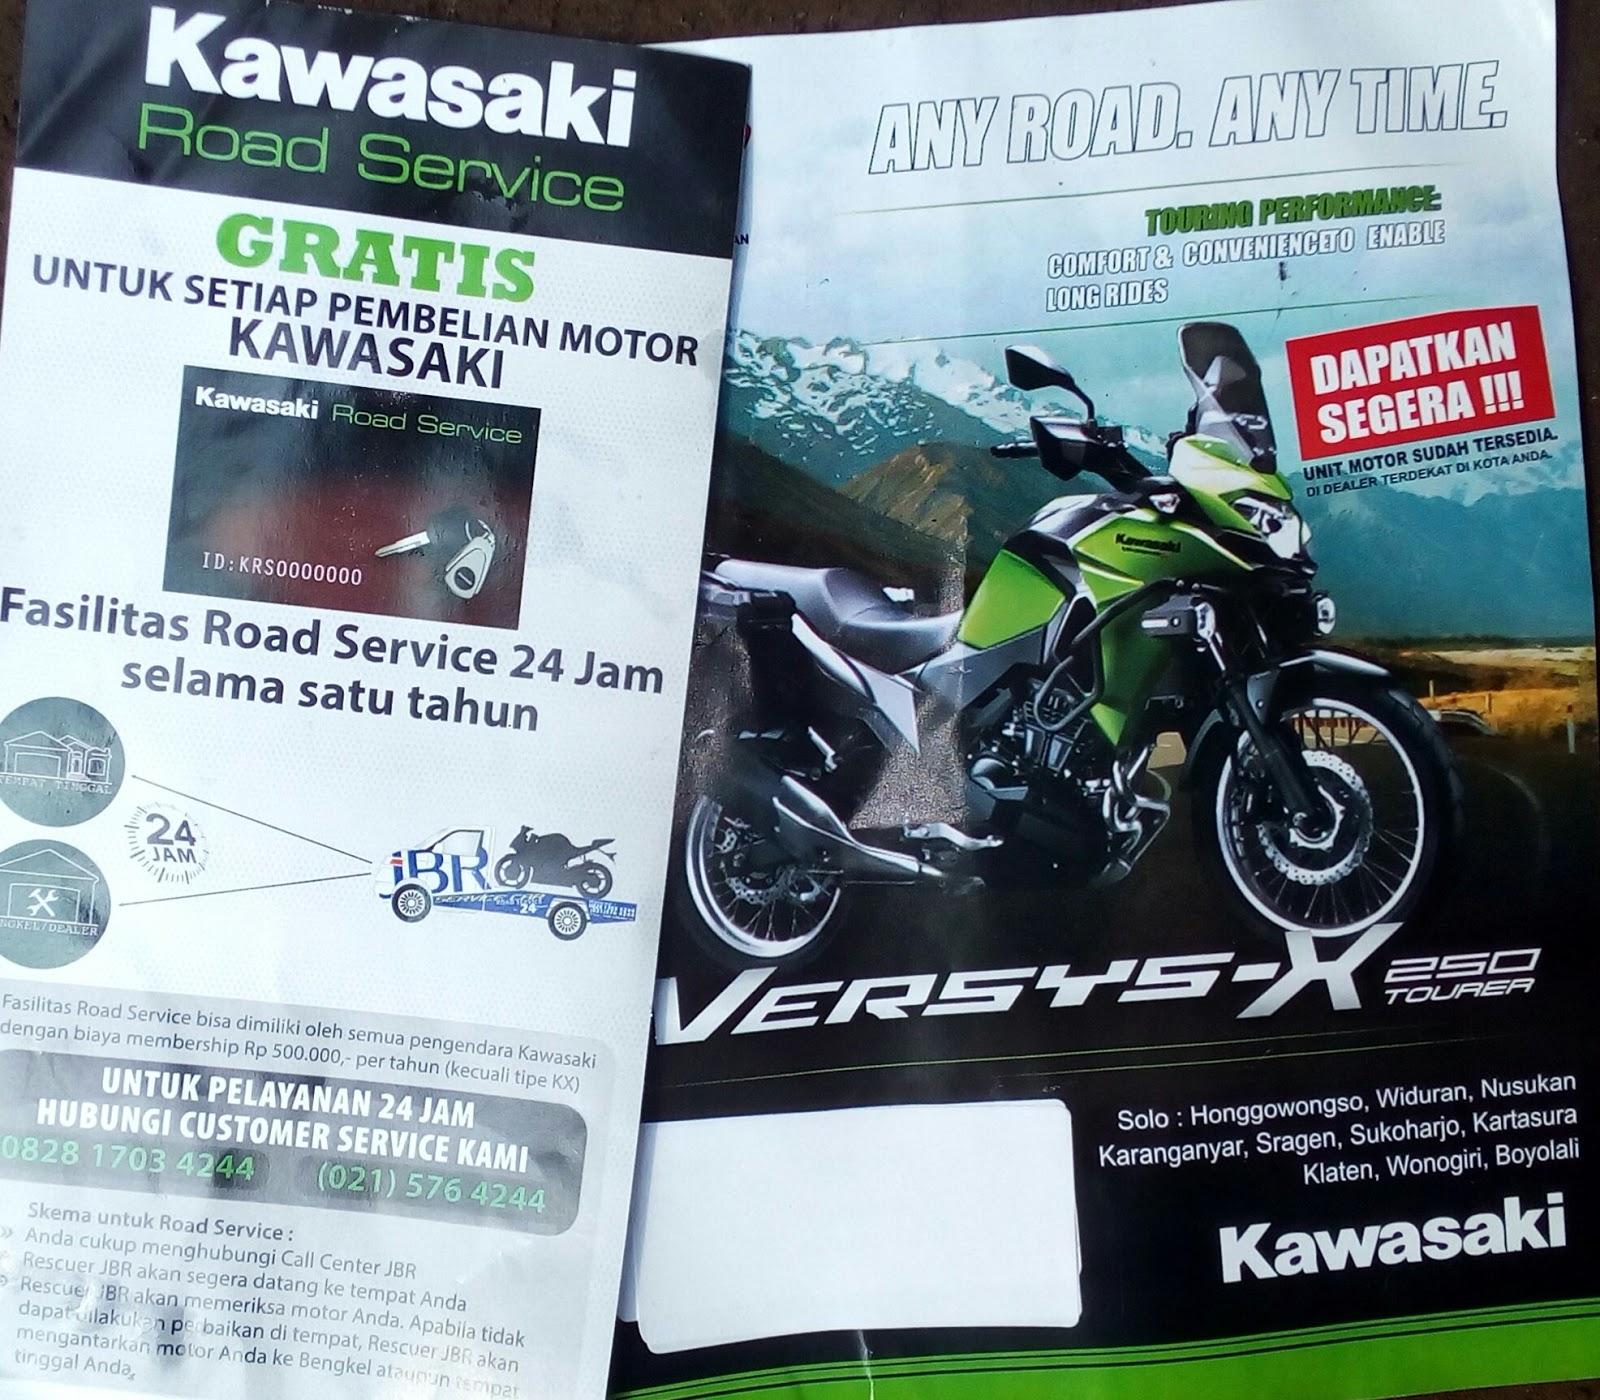 Kredit Sepeda Motor Honda Di Sukoharjo Promo Murah New Beat Street Esp Black Kawasaki Daftar Harga Dp Uang Muka Dan Angsuran Ringan Indonesia 2017